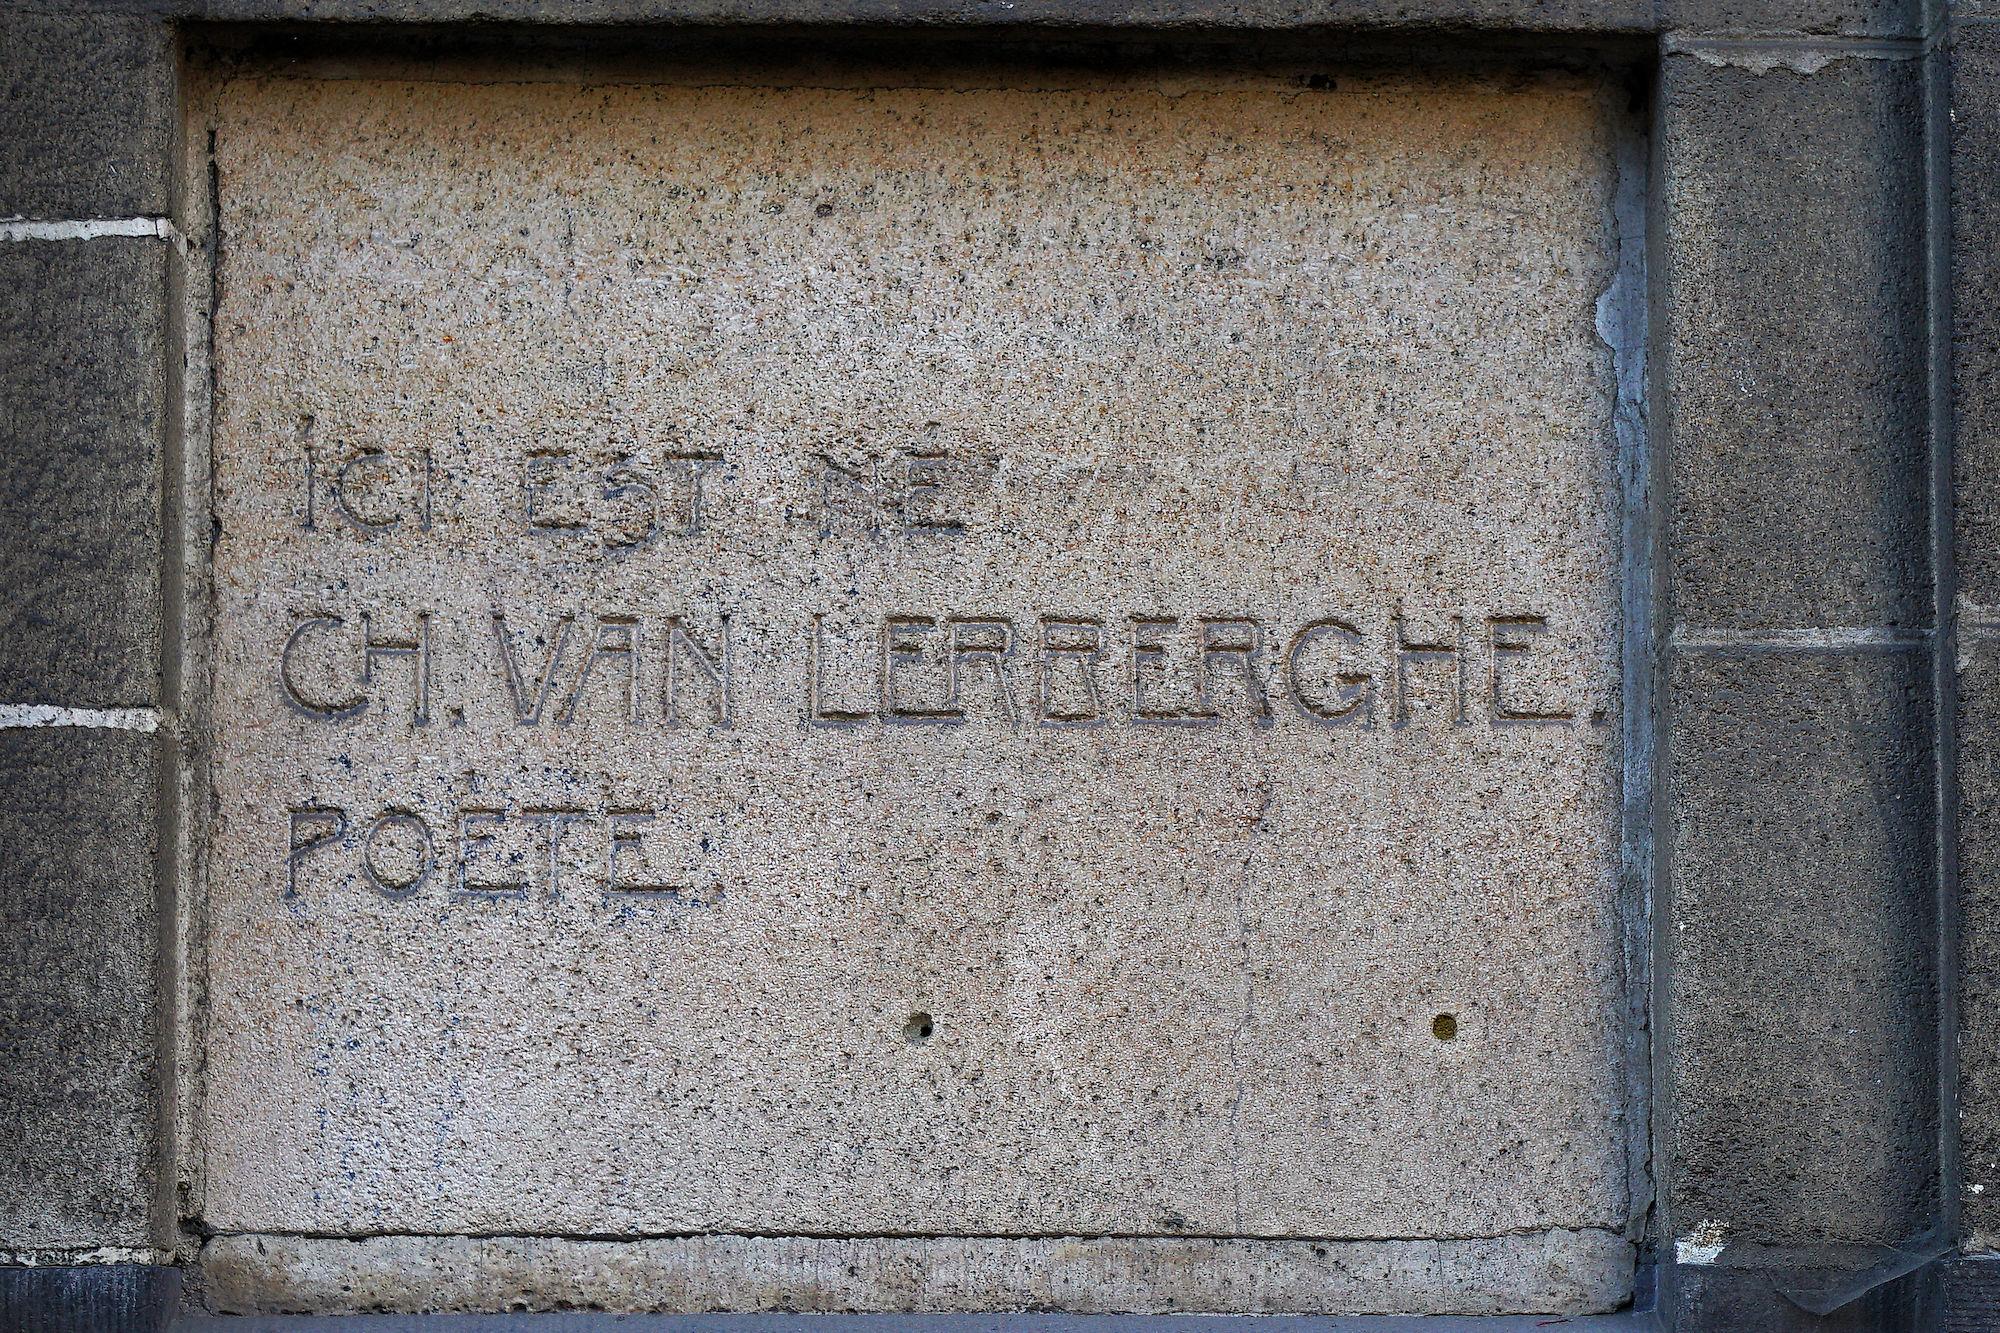 Gedenkplaat - Charles Van Lerberghe